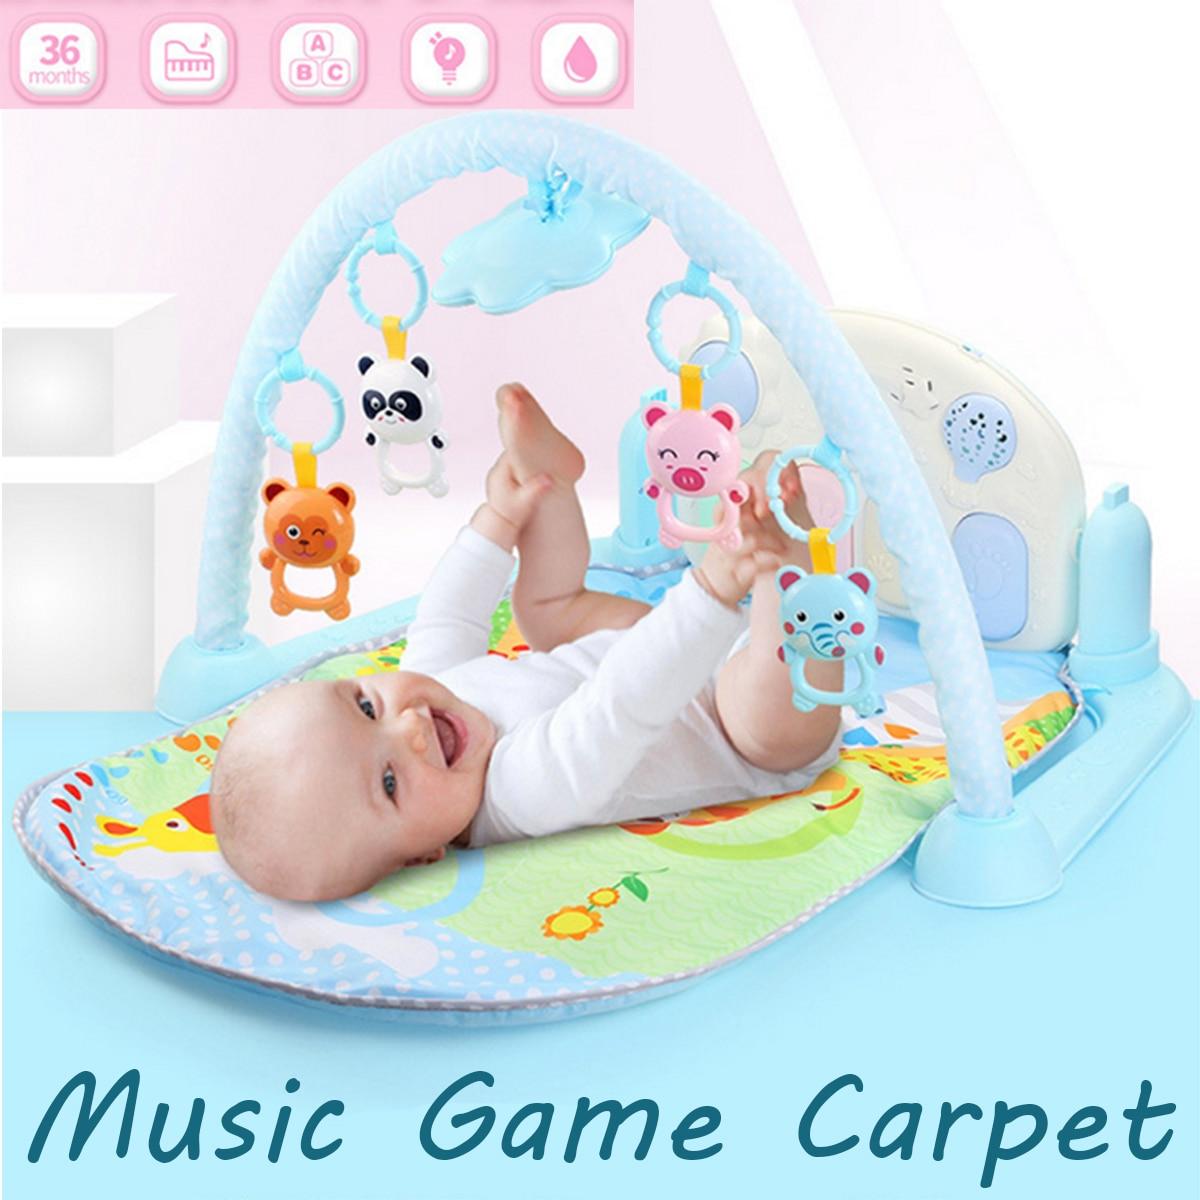 80x52x45 cm bébé enfants jouer tapis Projection Fitness Piano bébé musique pied musique jeu tapis activité sommeil Pad jouets éducatifs